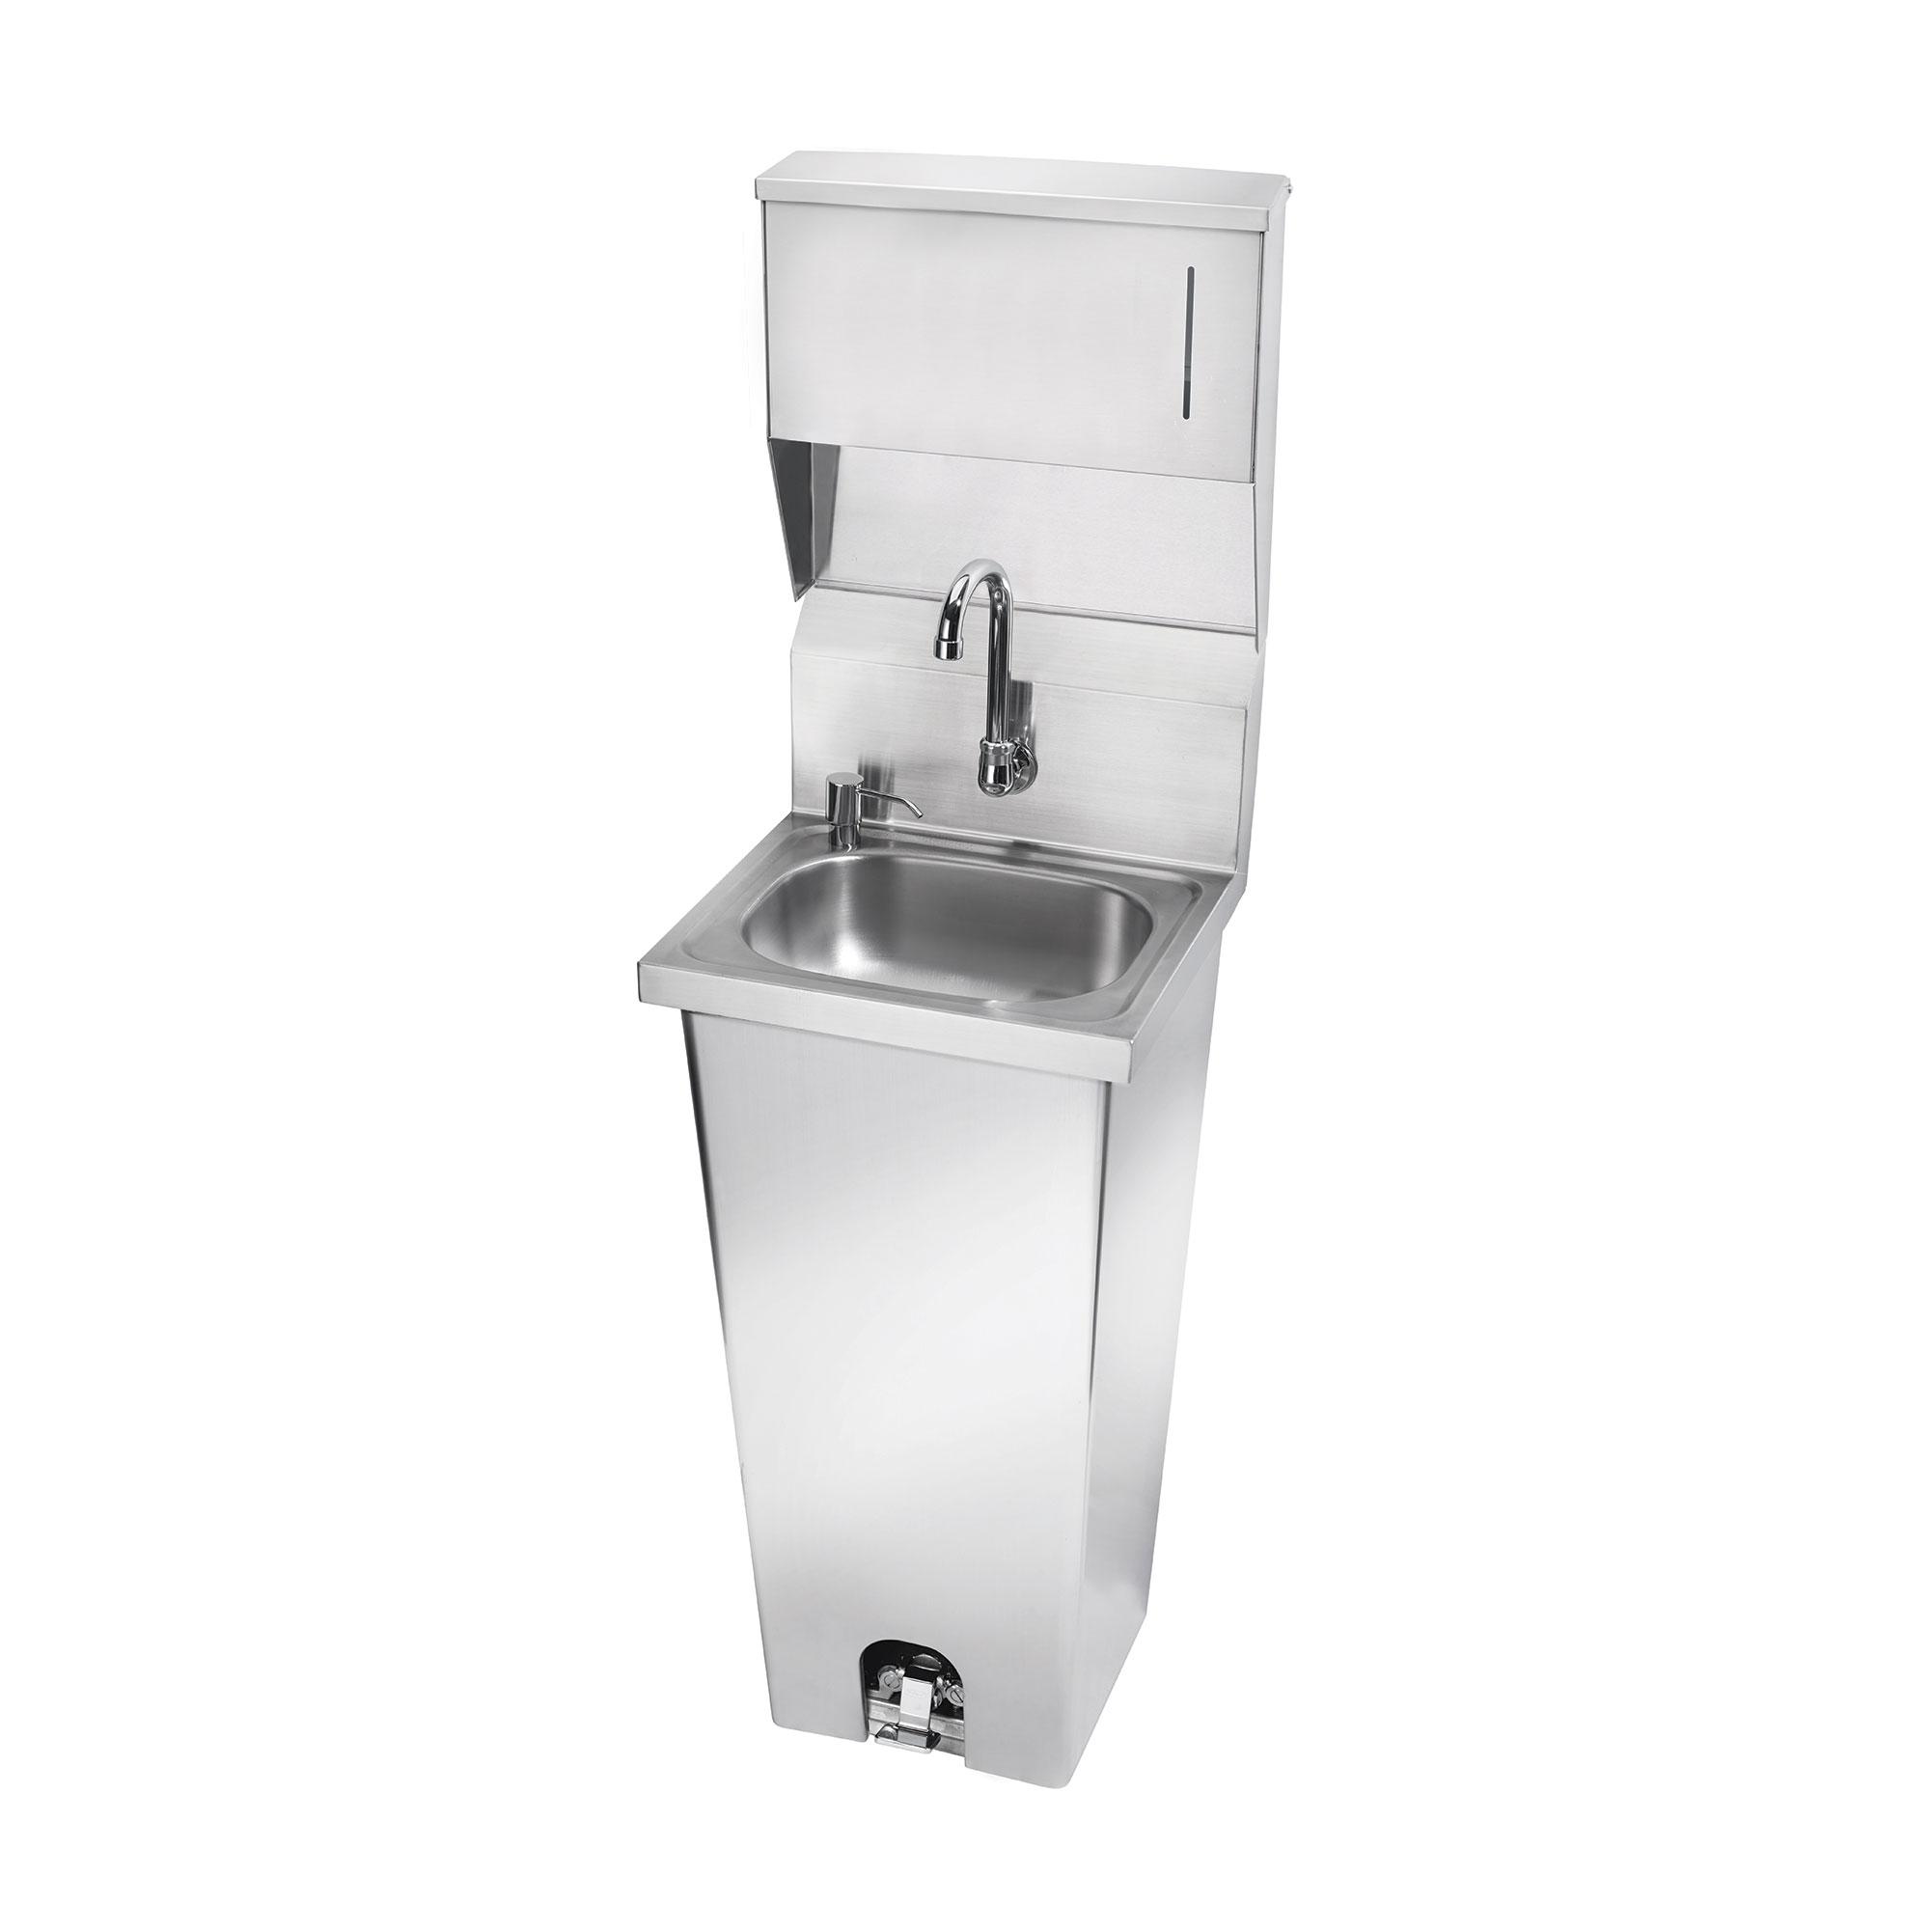 Krowne Metal HS-39 sink, hand